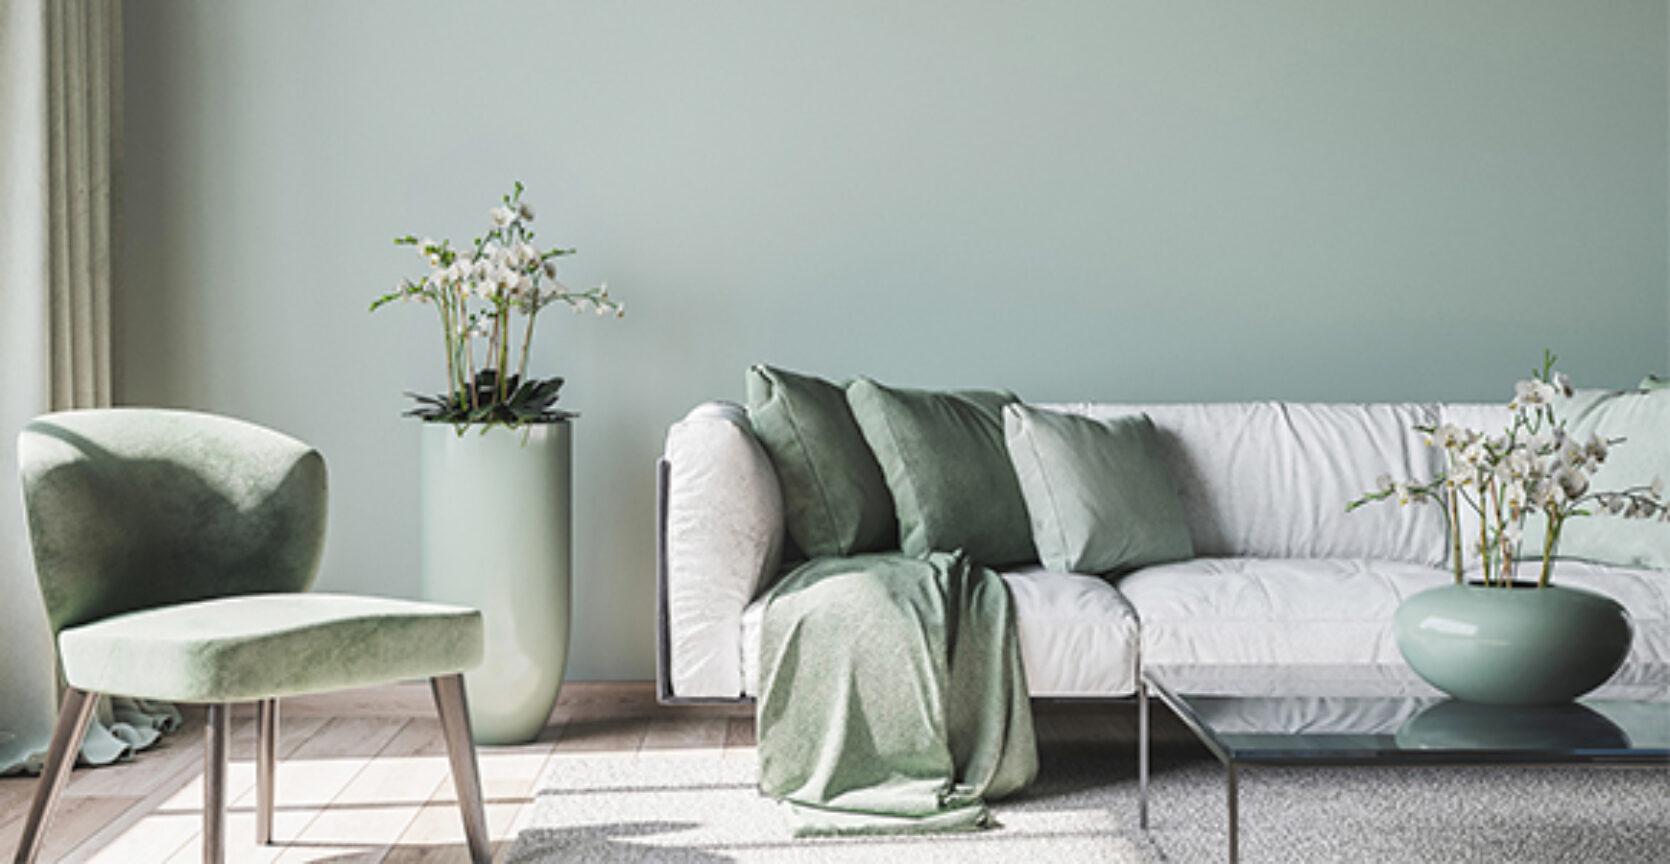 Stue i dus grønn farge, moderne interiør